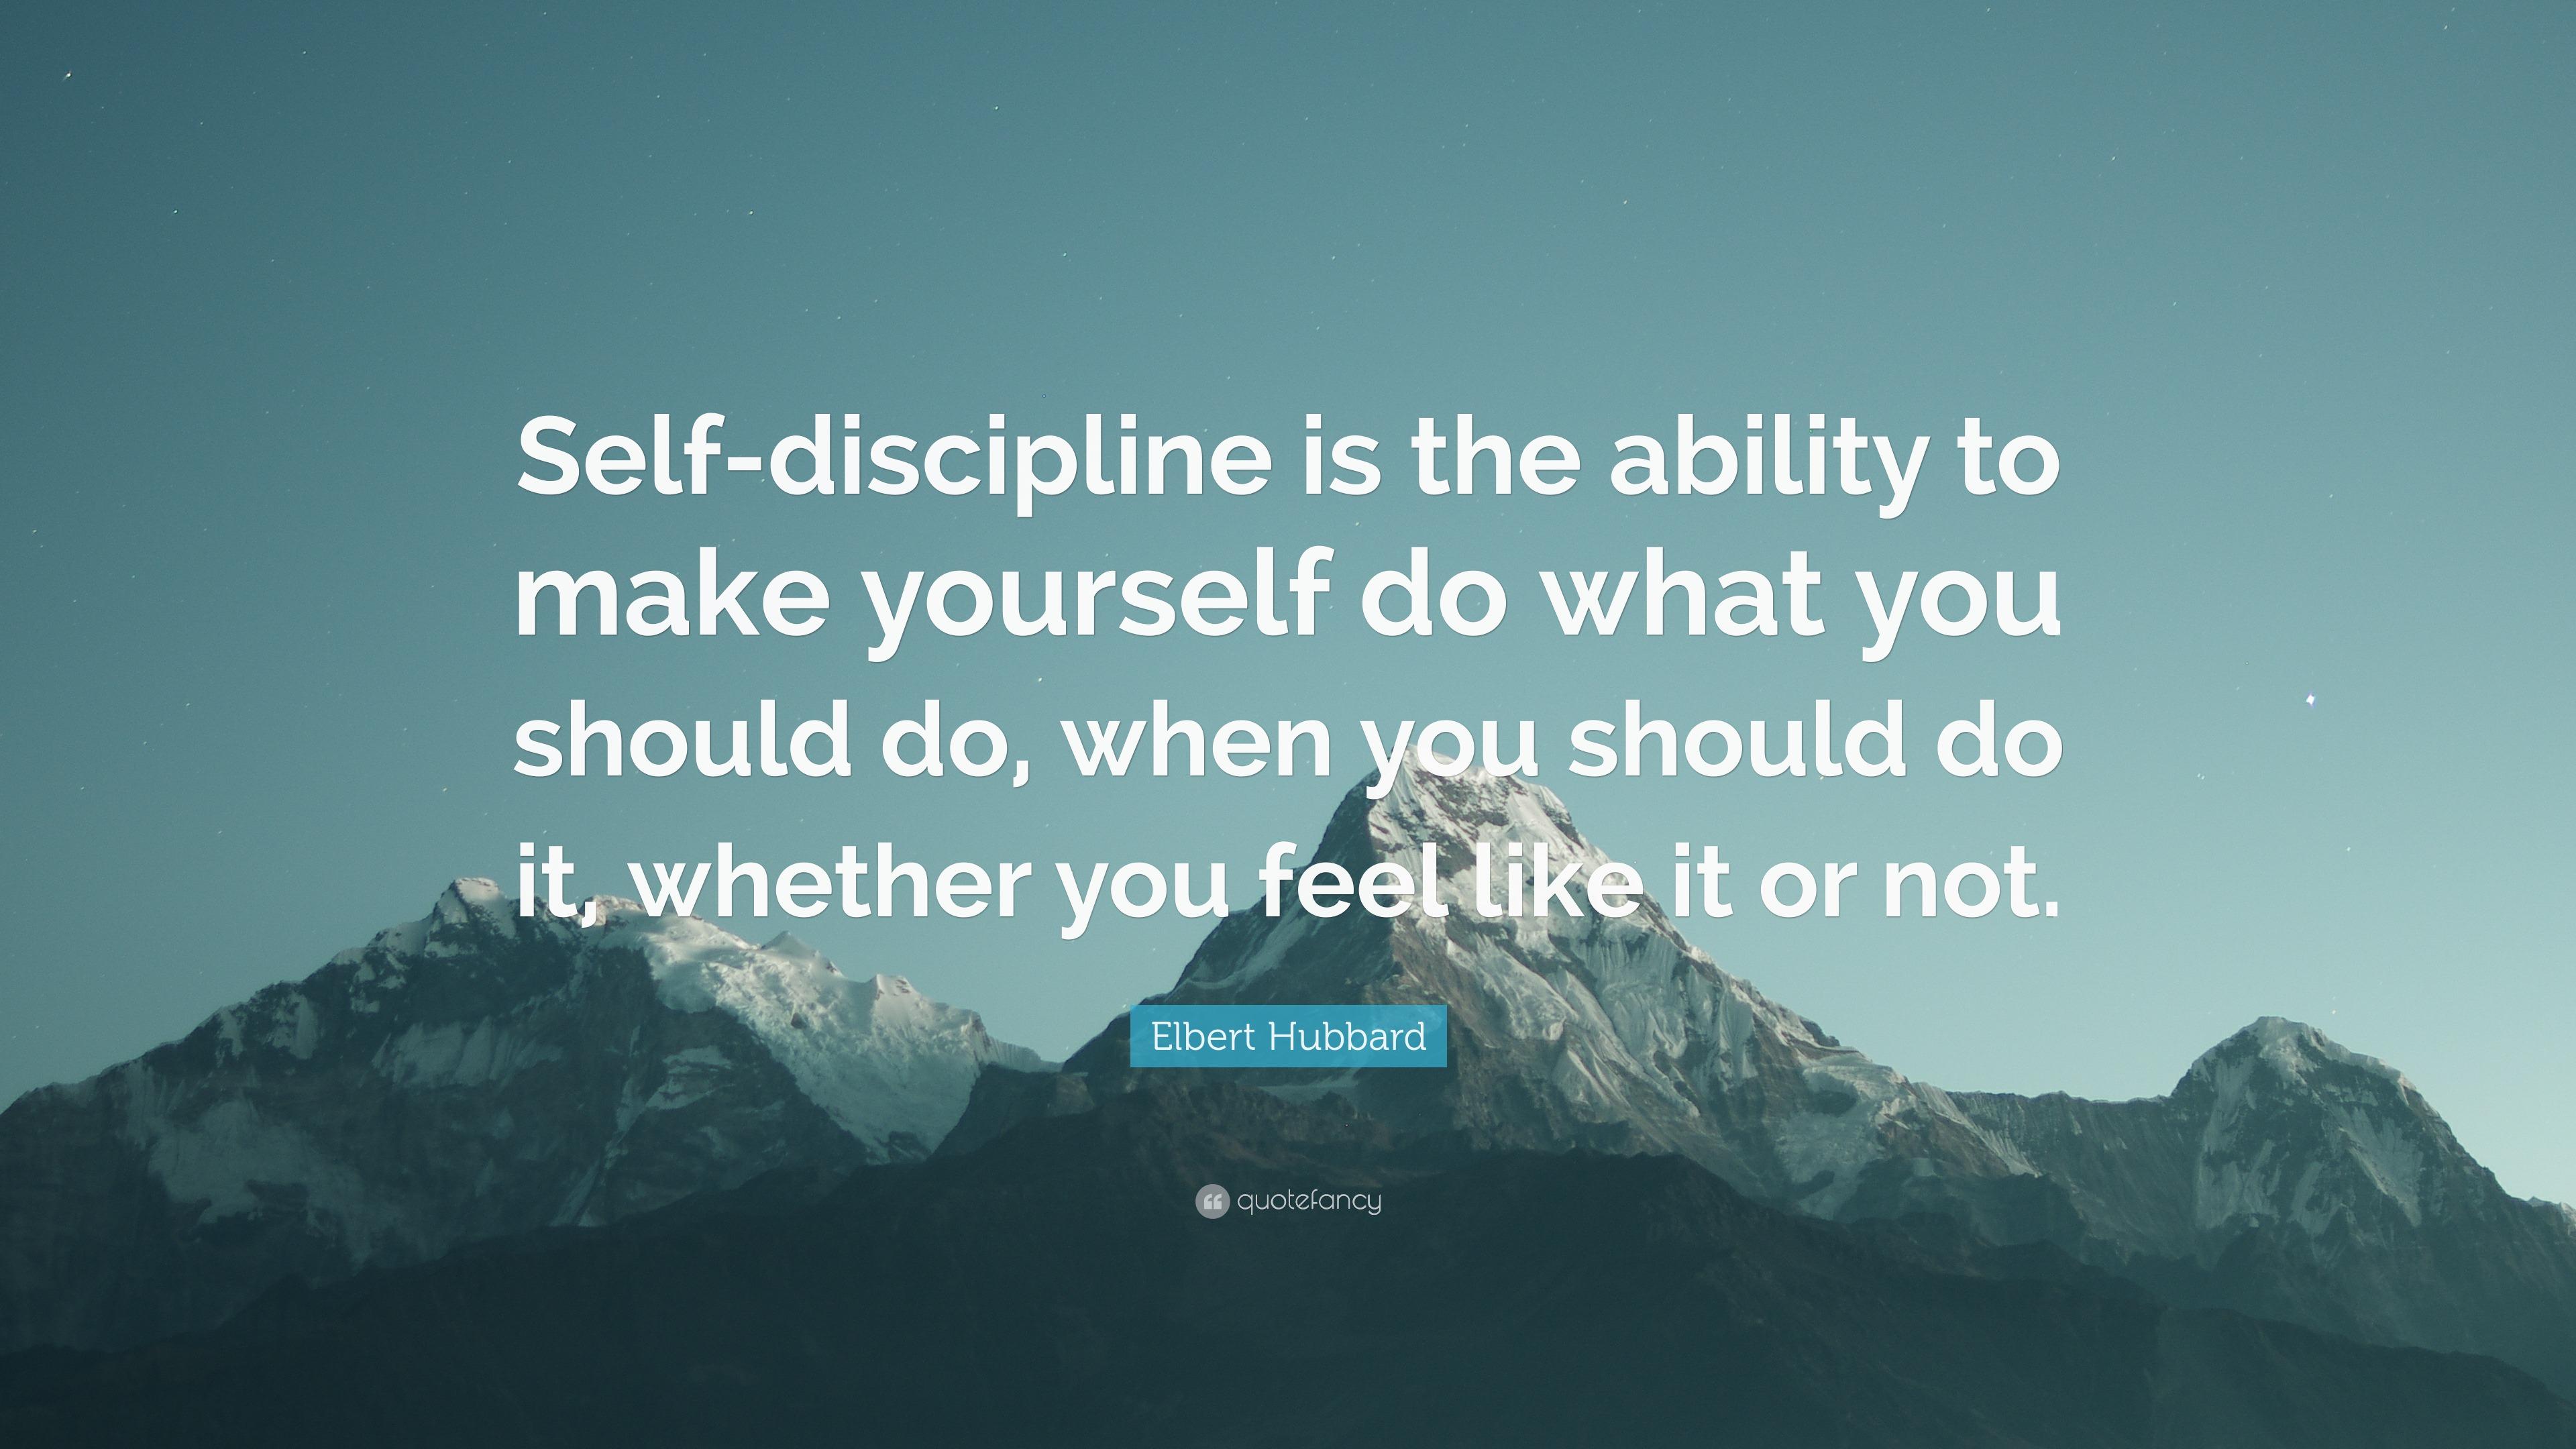 161: 6 Ways to Develop Self-Discipline